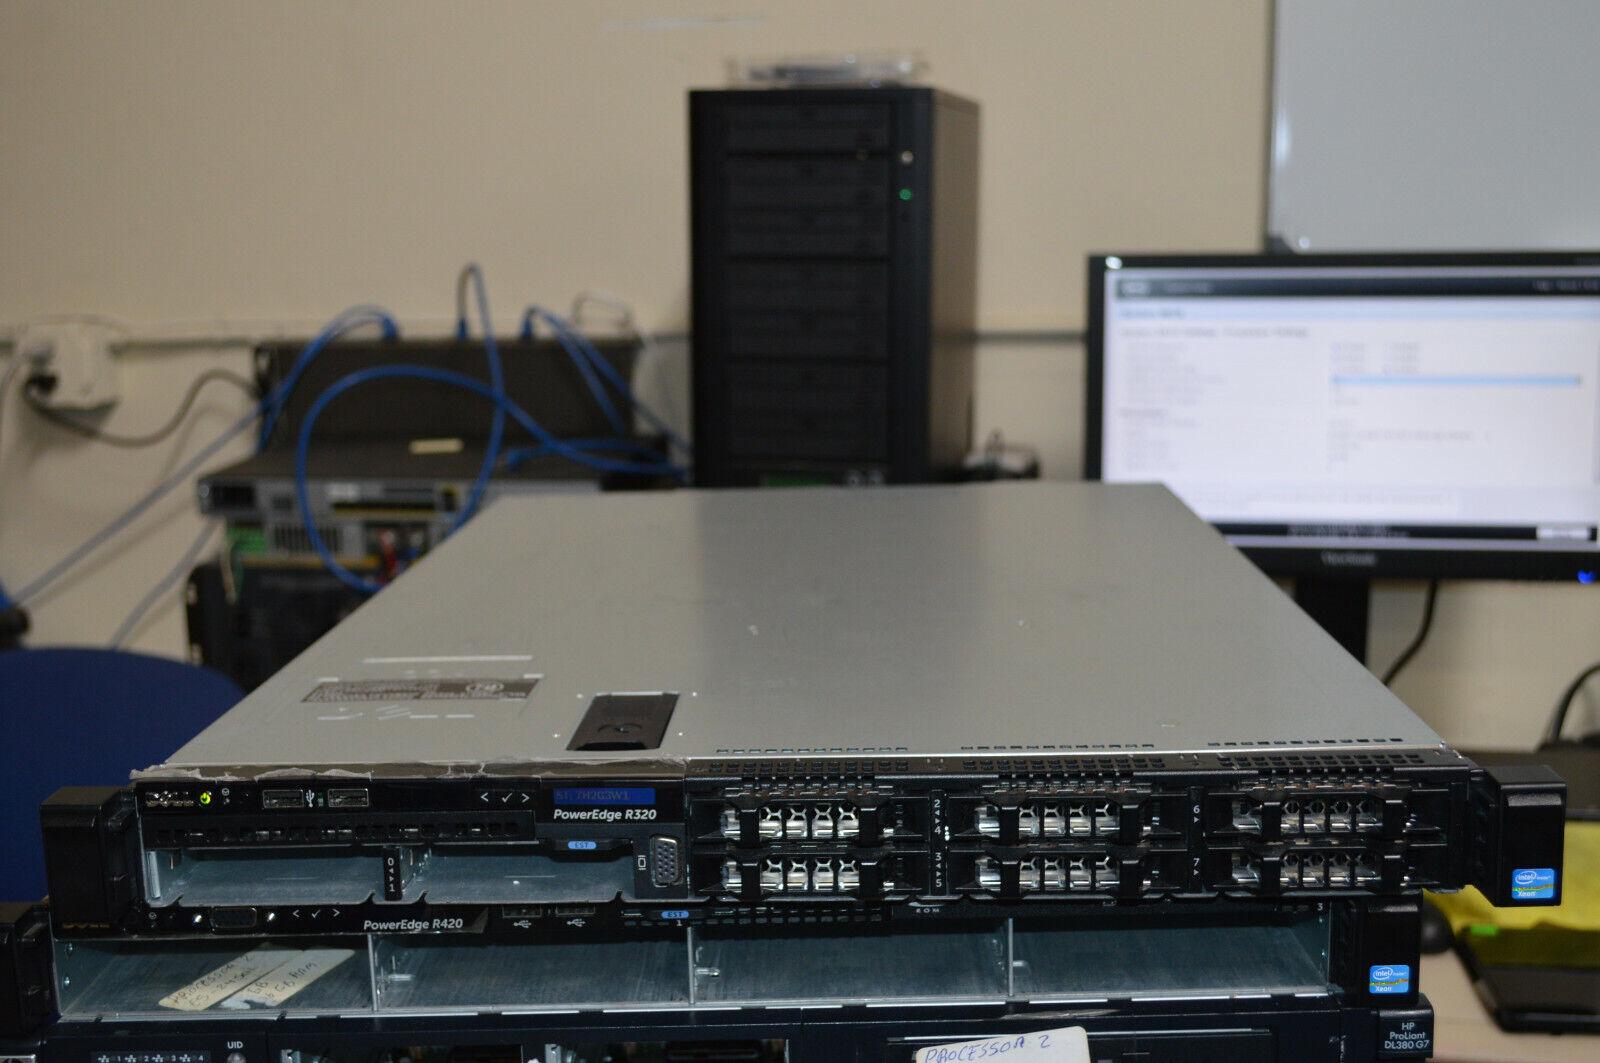 Dell Poweredge R420 2 x SIX CORE 2.20GHZ E5-2430 24GB MEMORY 500GB SERVER